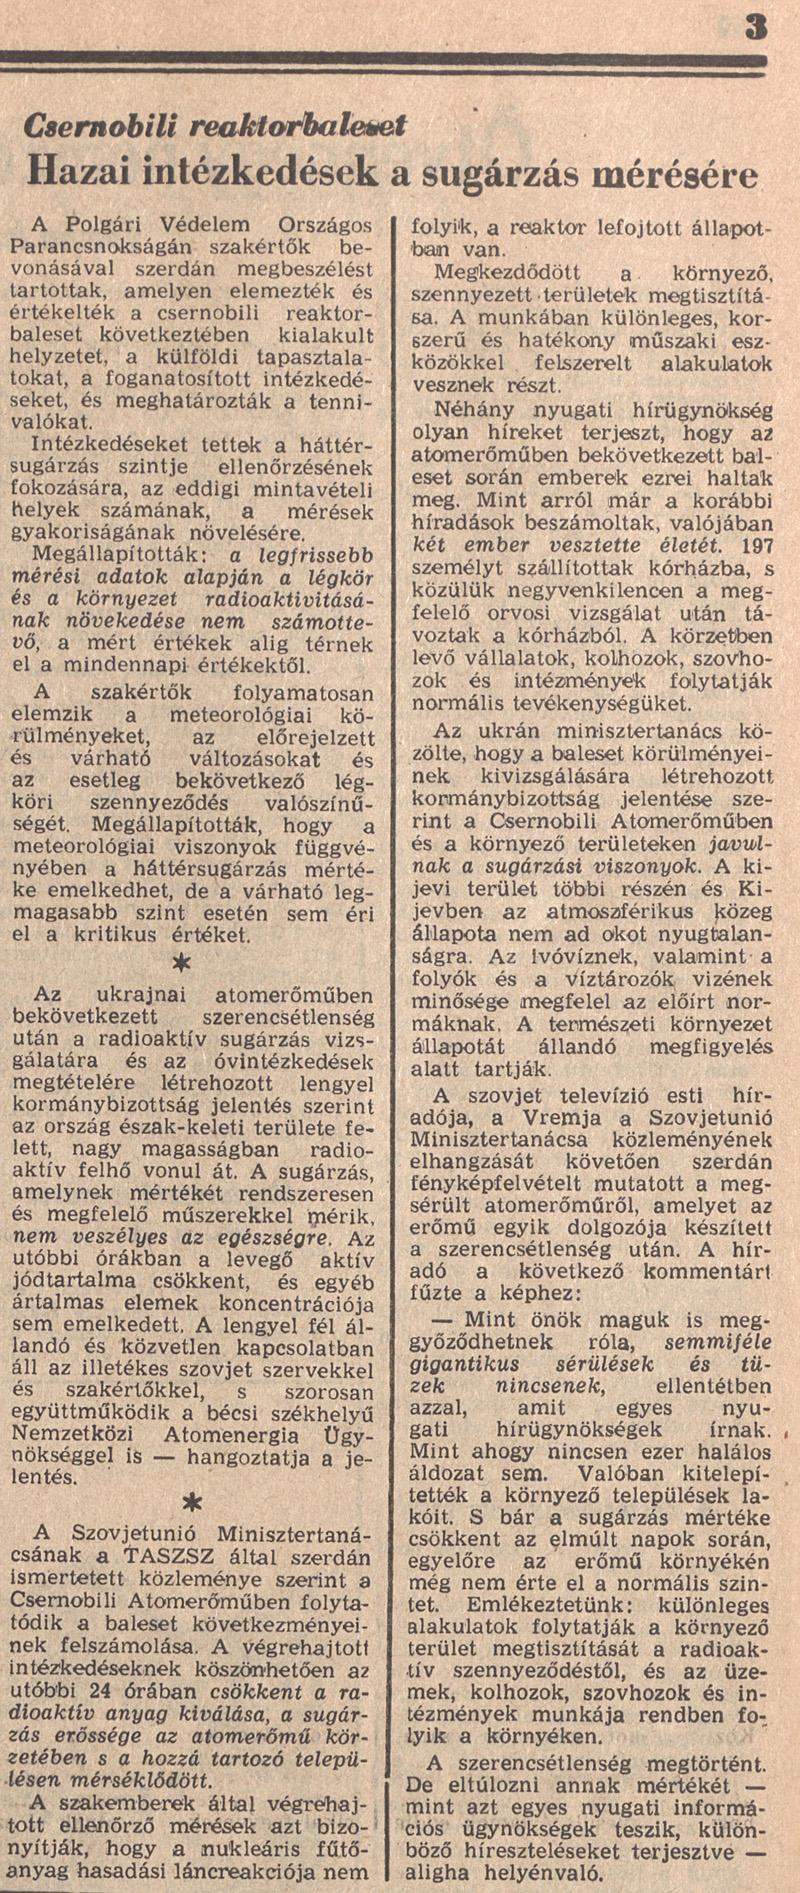 Magyar Nemzet 3. oldal. 1986. május 1. OSZK Törzsgyűjtemény